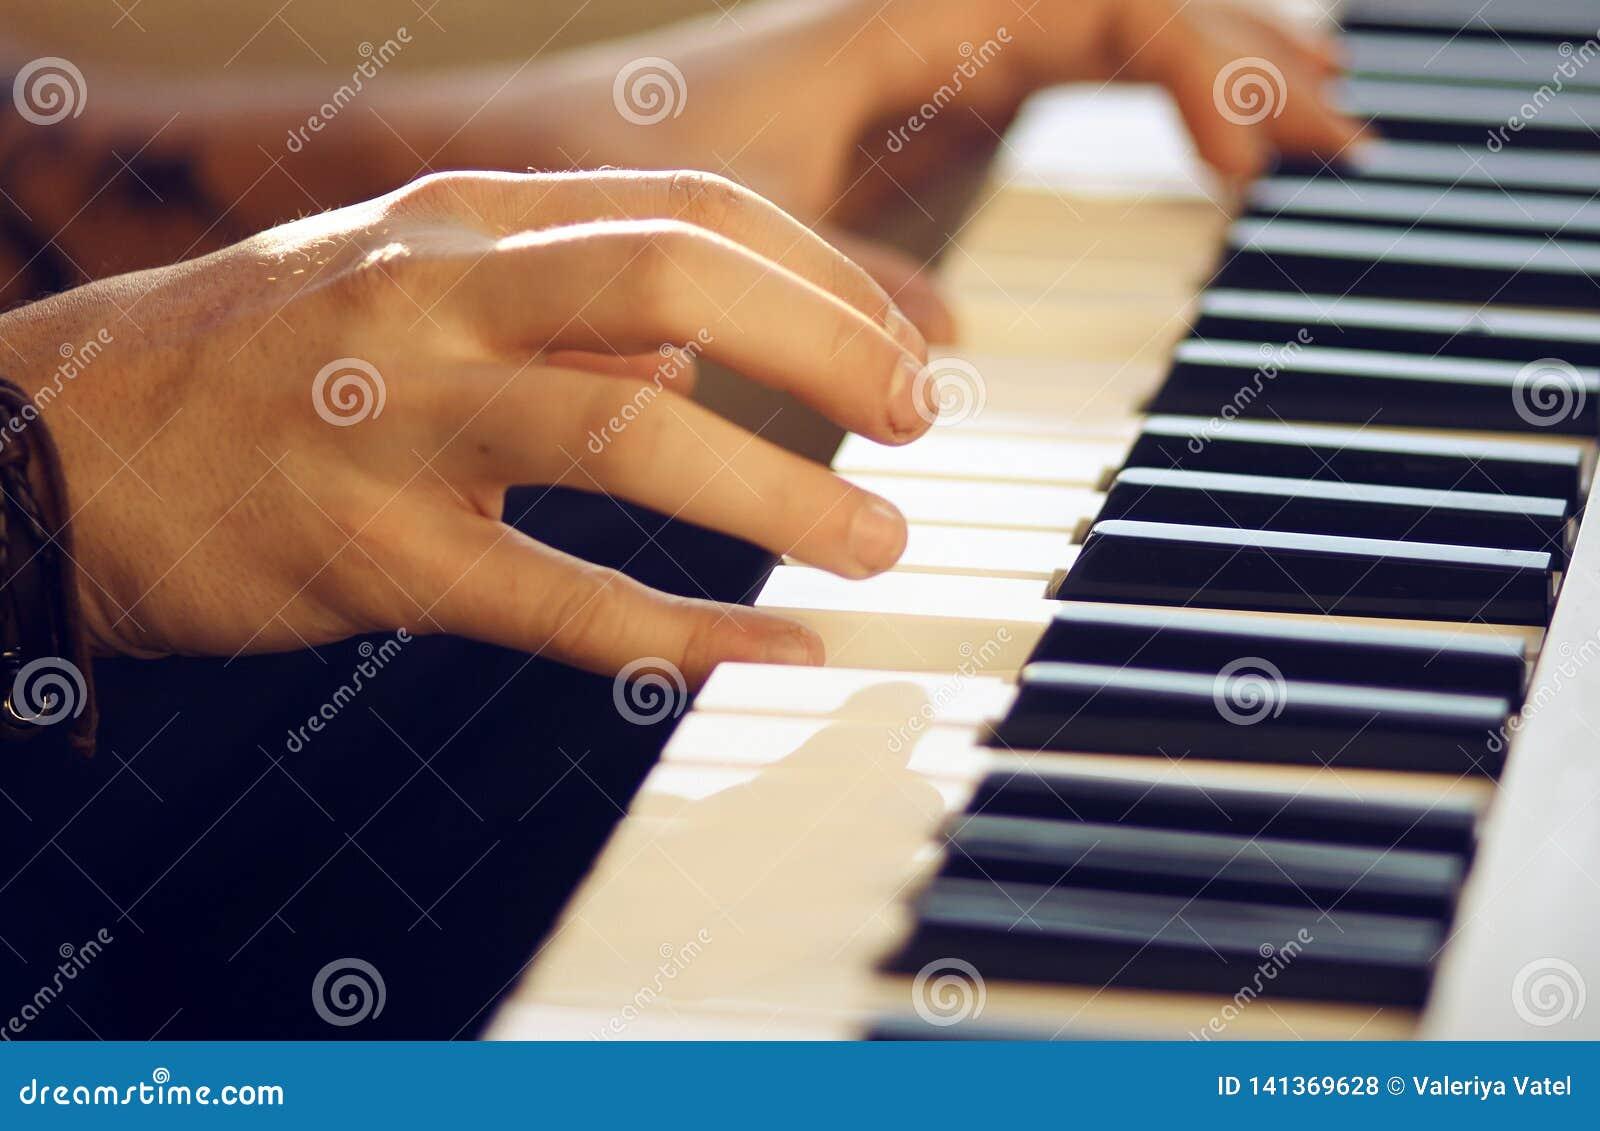 Παιχνίδια στα μουσικά πληκτρολογίων οργάνων ατόμων μια μελωδία με τα χέρια του